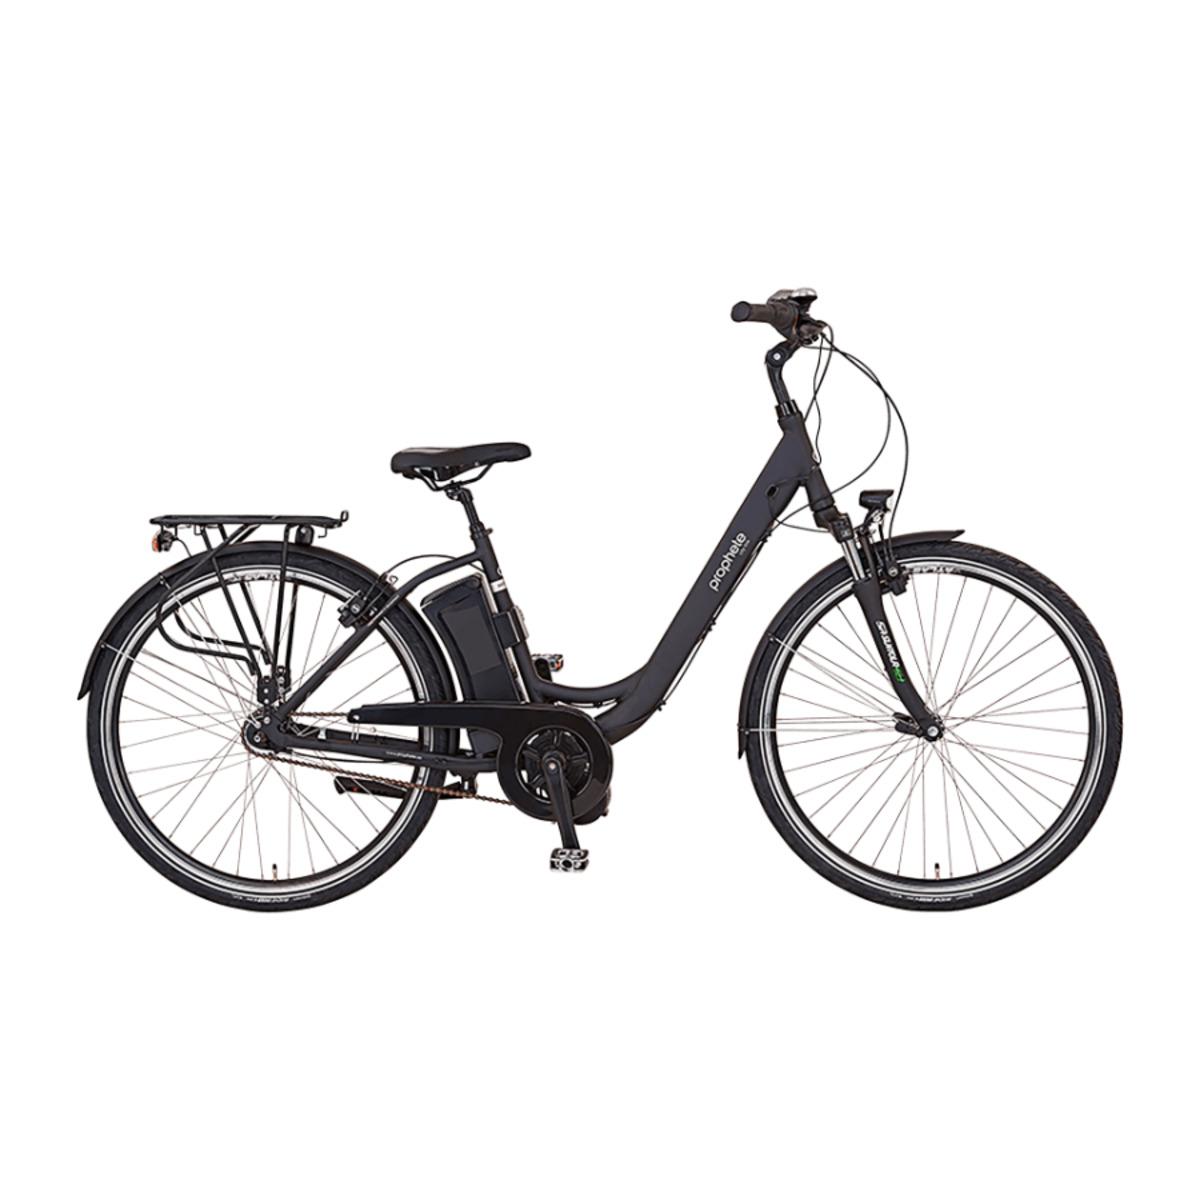 Bild 1 von Prophete Alu-City-E-Bike 28